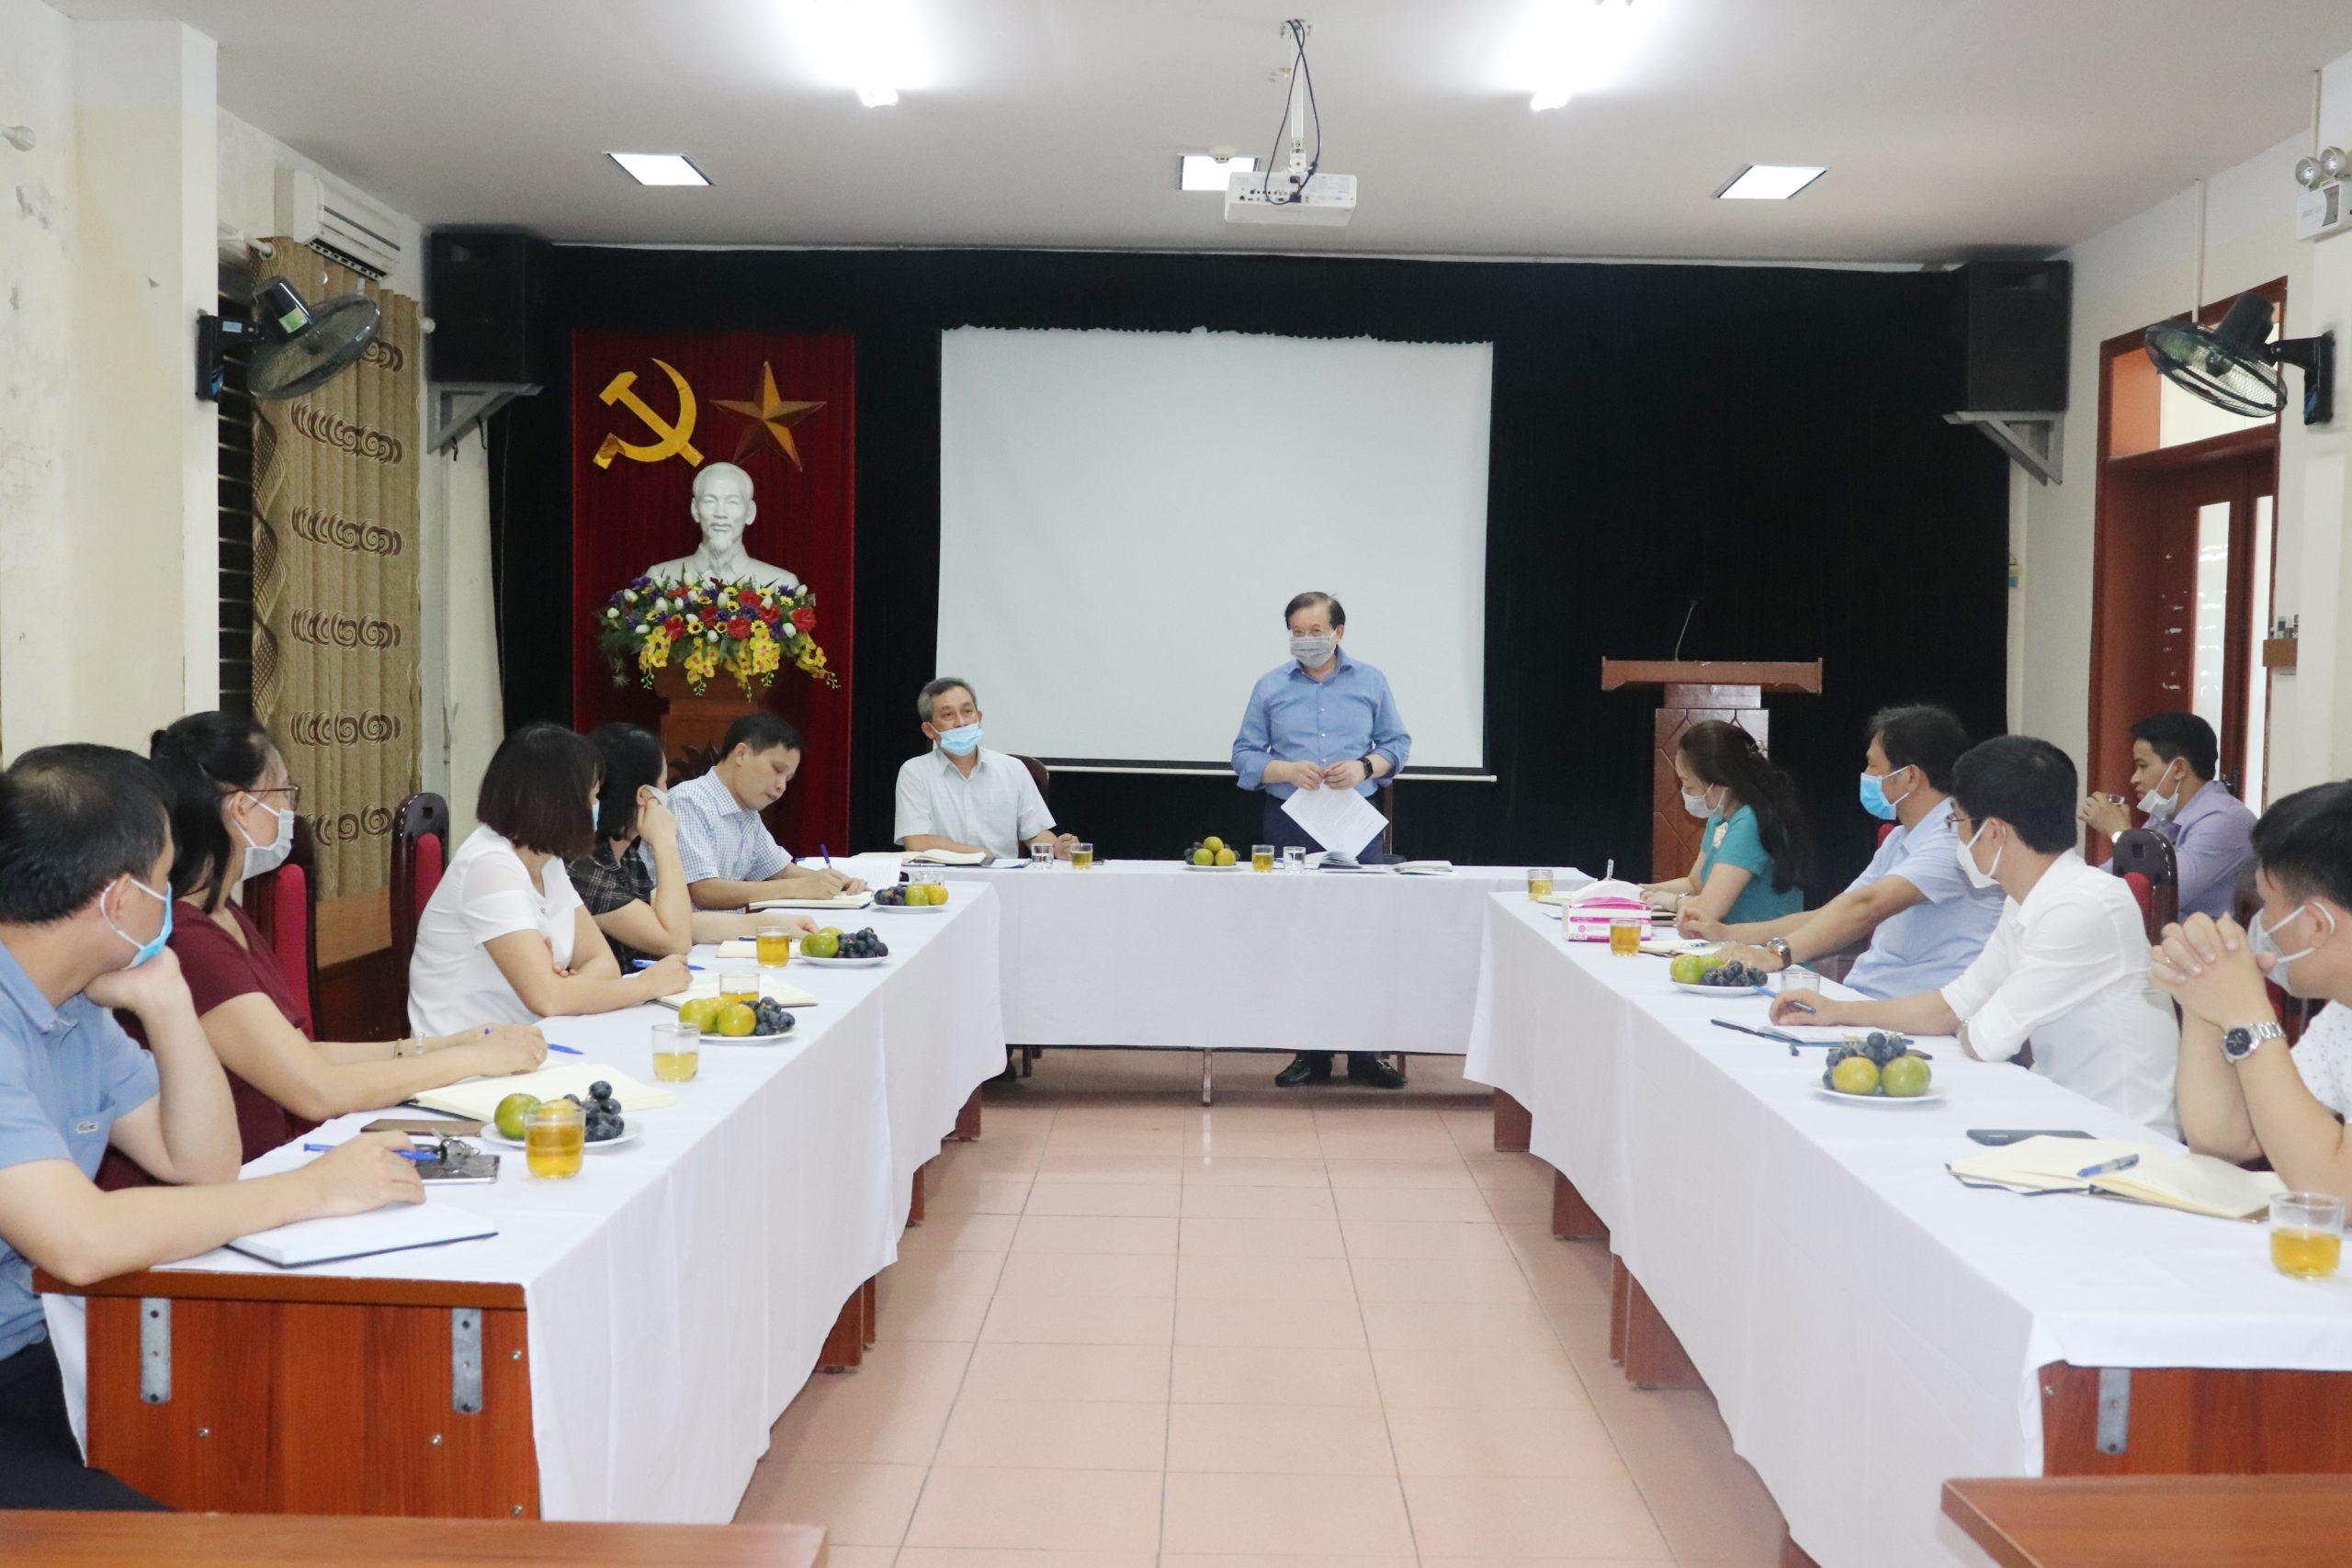 Thứ trưởng Tạ Quang Đông: Ghi nhận những nỗ lực, cố gắng của tập thể Nhà trường trong thời gian qua